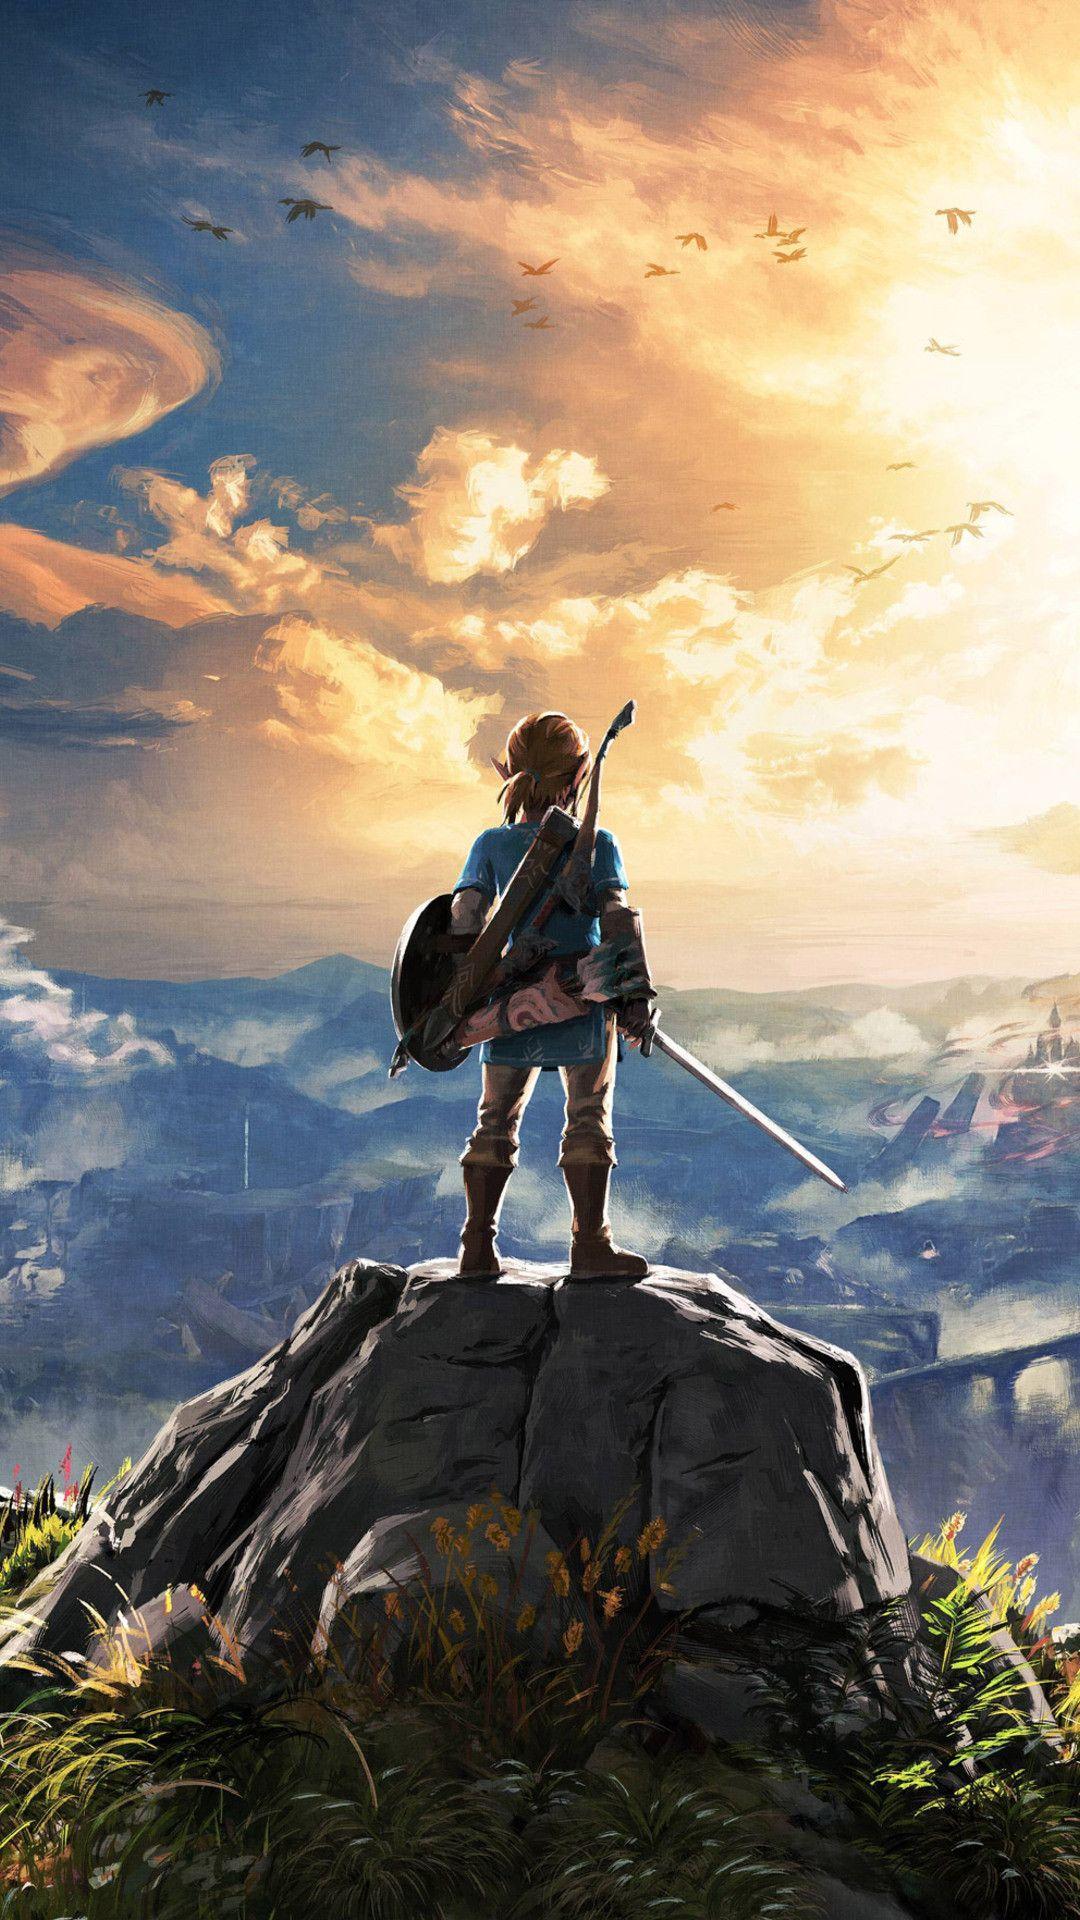 The Legend Of Zelda Iphone Wallpapers - Zelda Wallpaper Iphone - HD Wallpaper